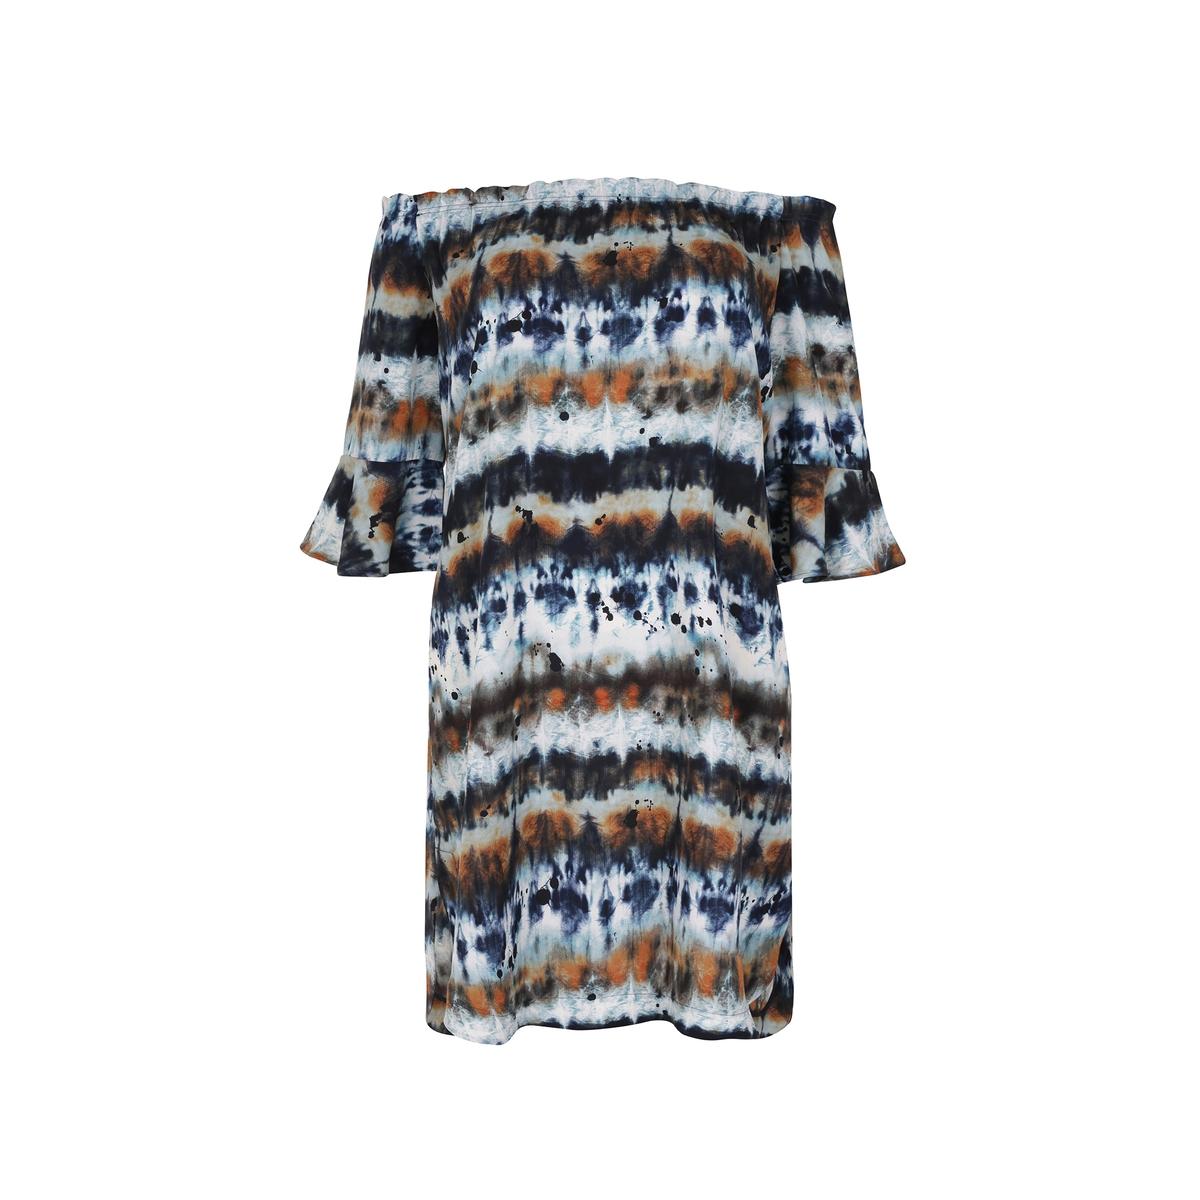 ПлатьеПлатье с открытыми плечами и принтом тай-энд-дай MAT FASHION. Объемный покрой из легкой ткани . Вырез из ткани стрейч, который можно переместить на плечи. Короткие рукава с воланами. 100% полиэстер<br><br>Цвет: разноцветный